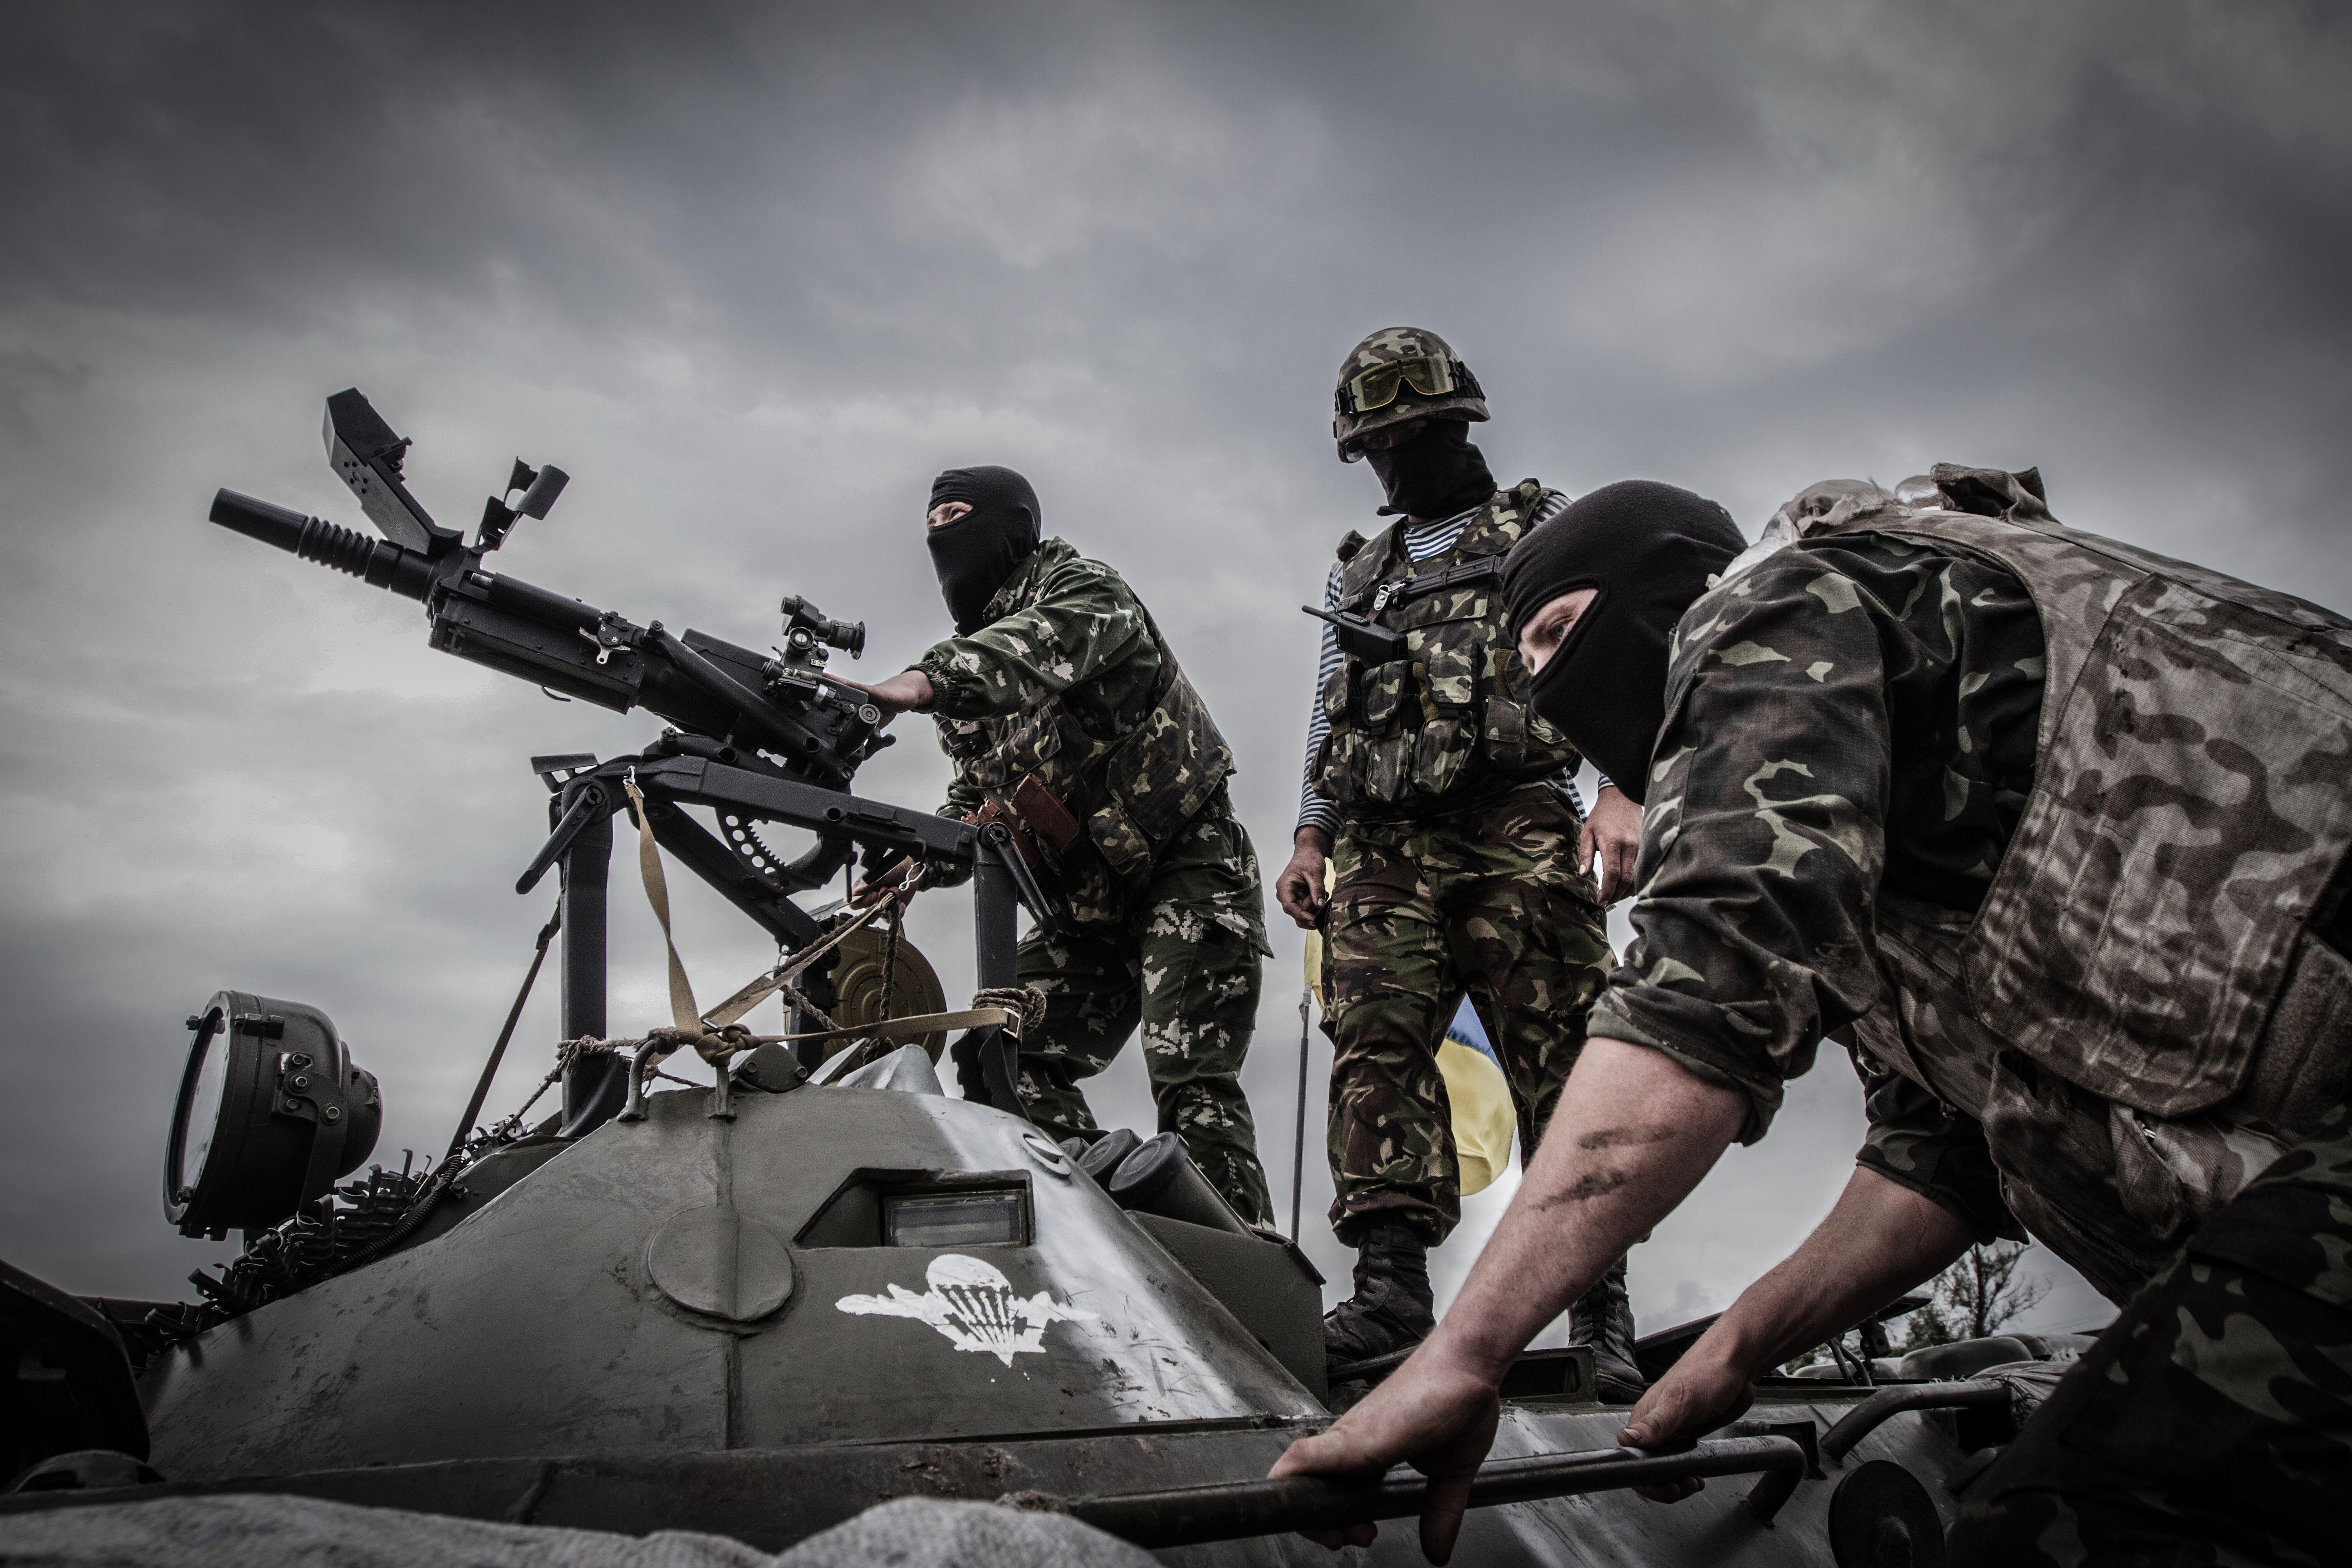 фото боев в украине зависимости ширины